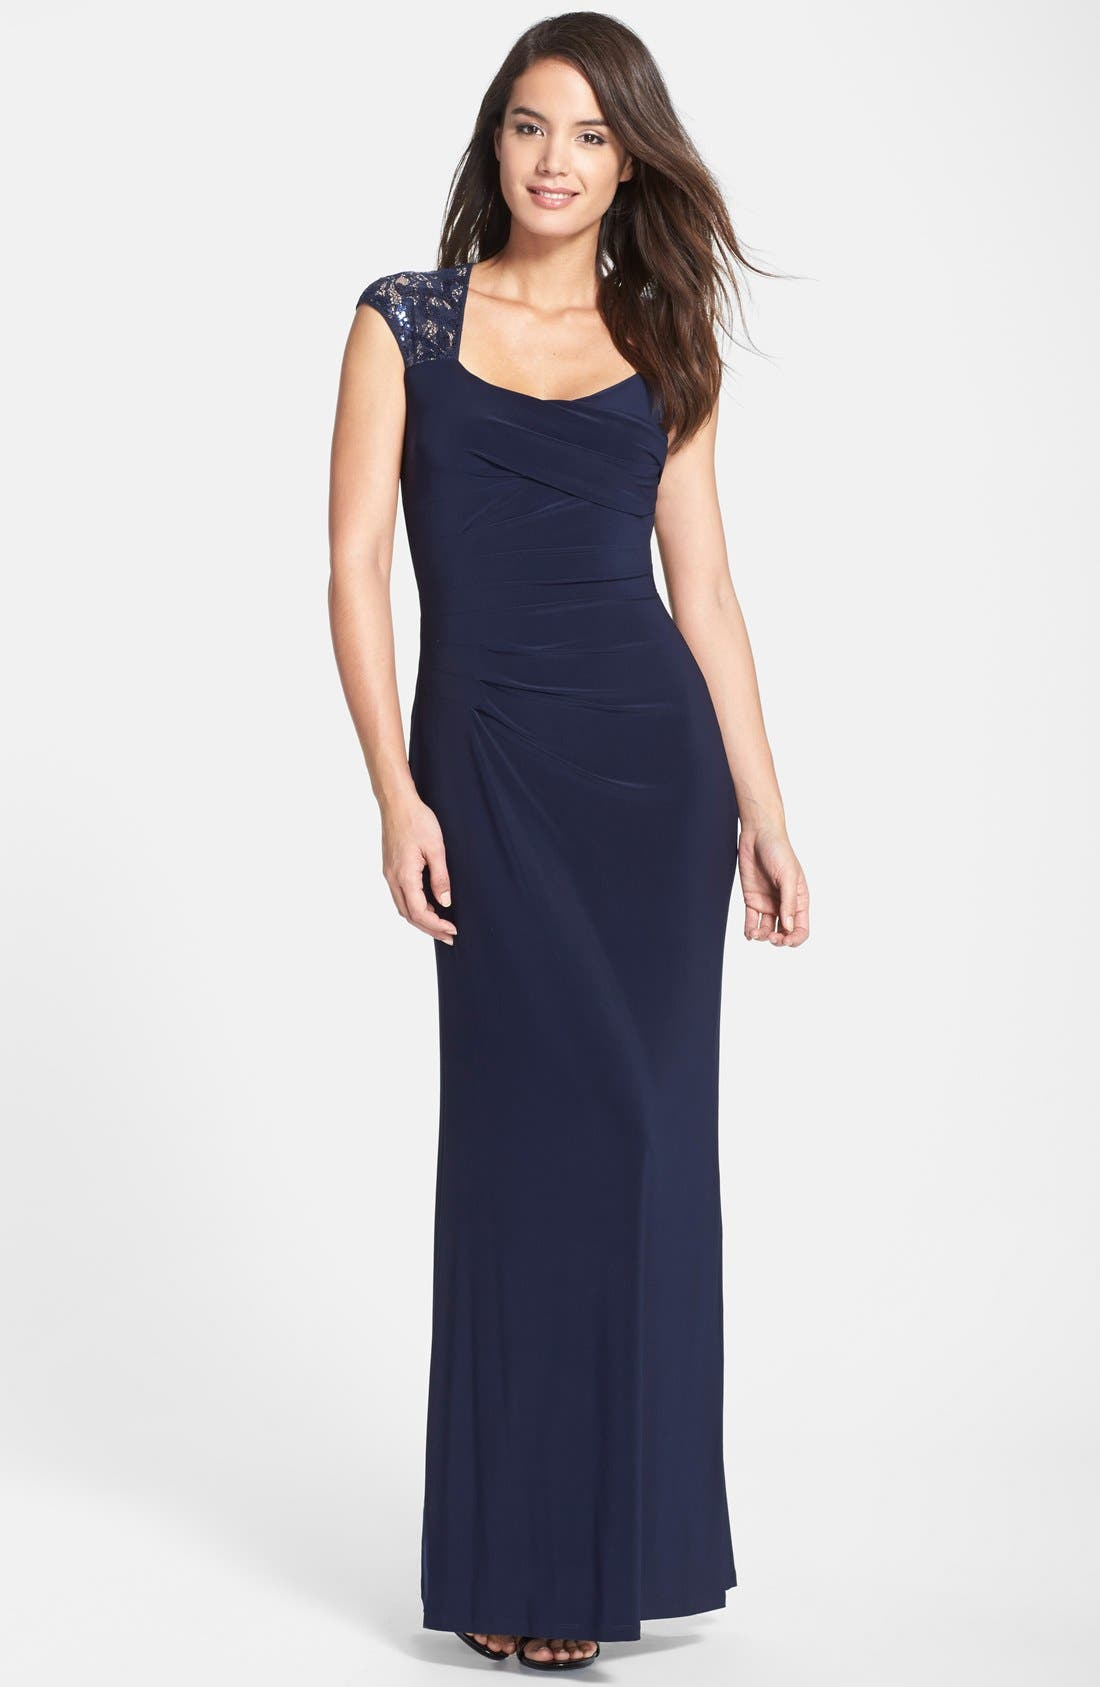 Alternate Image 1 Selected - Lauren Ralph Lauren Sequin Lace Sleeve Jersey Gown (Regular & Petite)